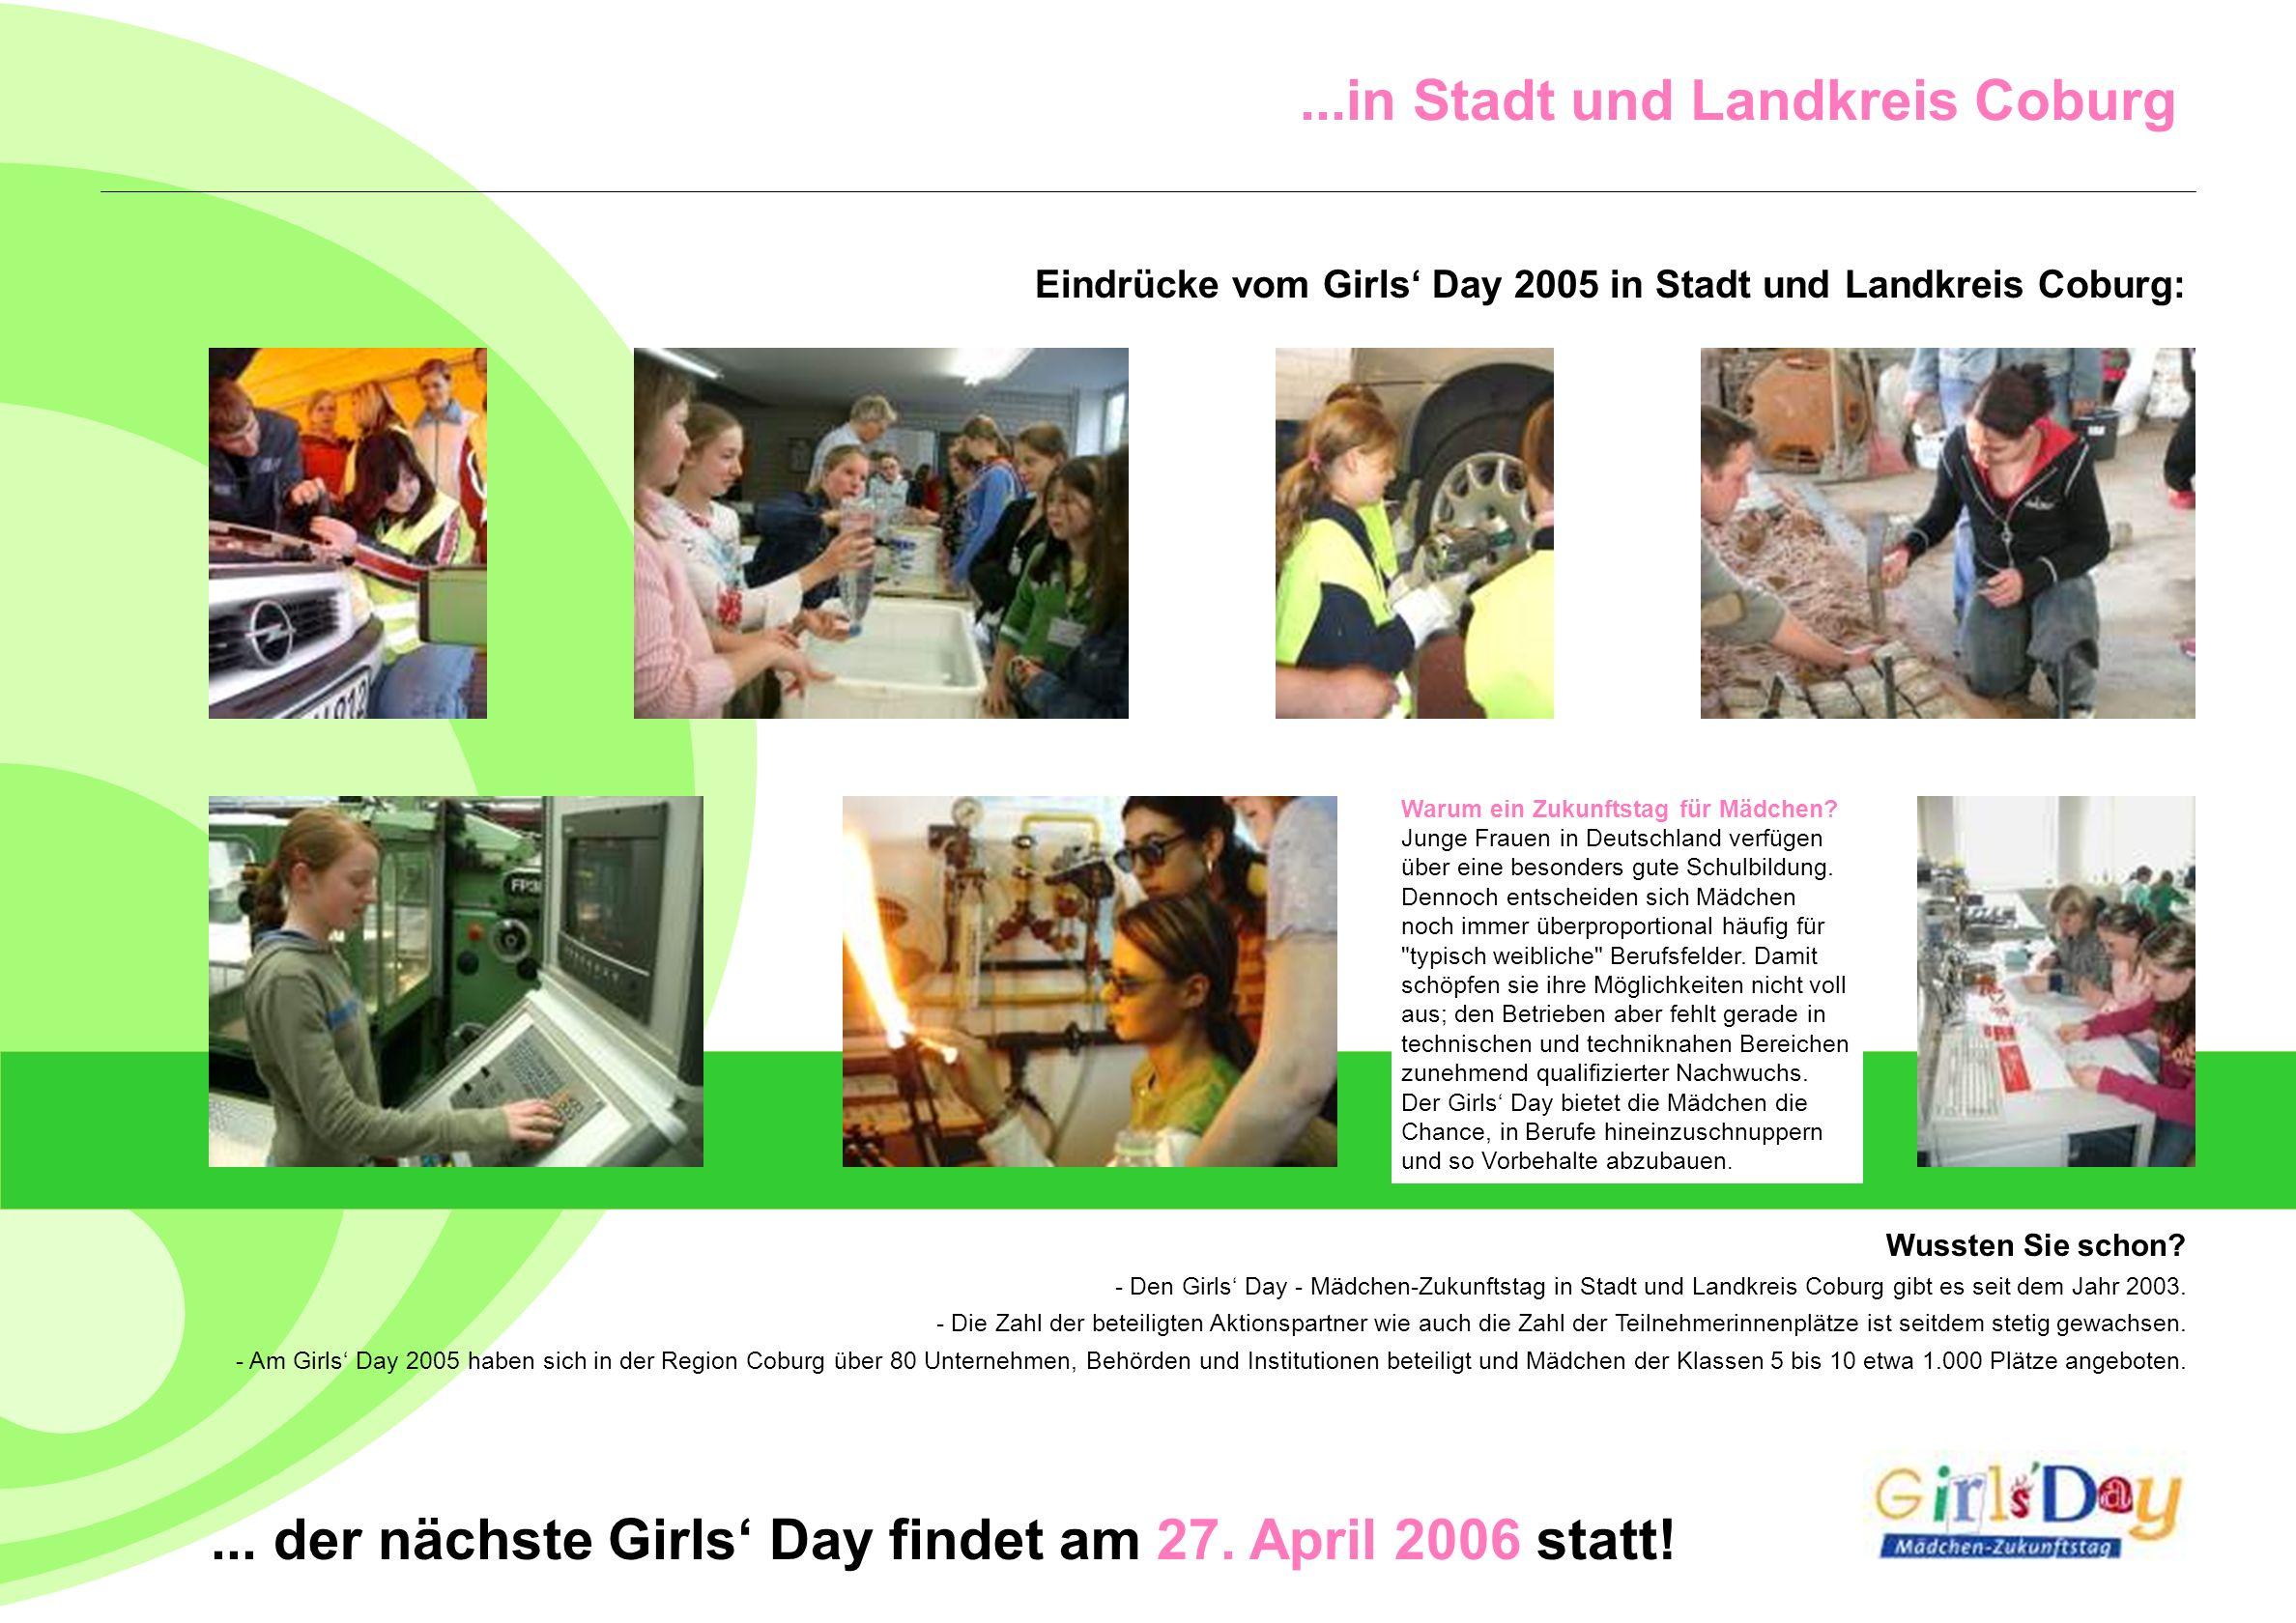 ...in Stadt und Landkreis Coburg Eindrücke vom Girls Day 2005 in Stadt und Landkreis Coburg:... der nächste Girls Day findet am 27. April 2006 statt!